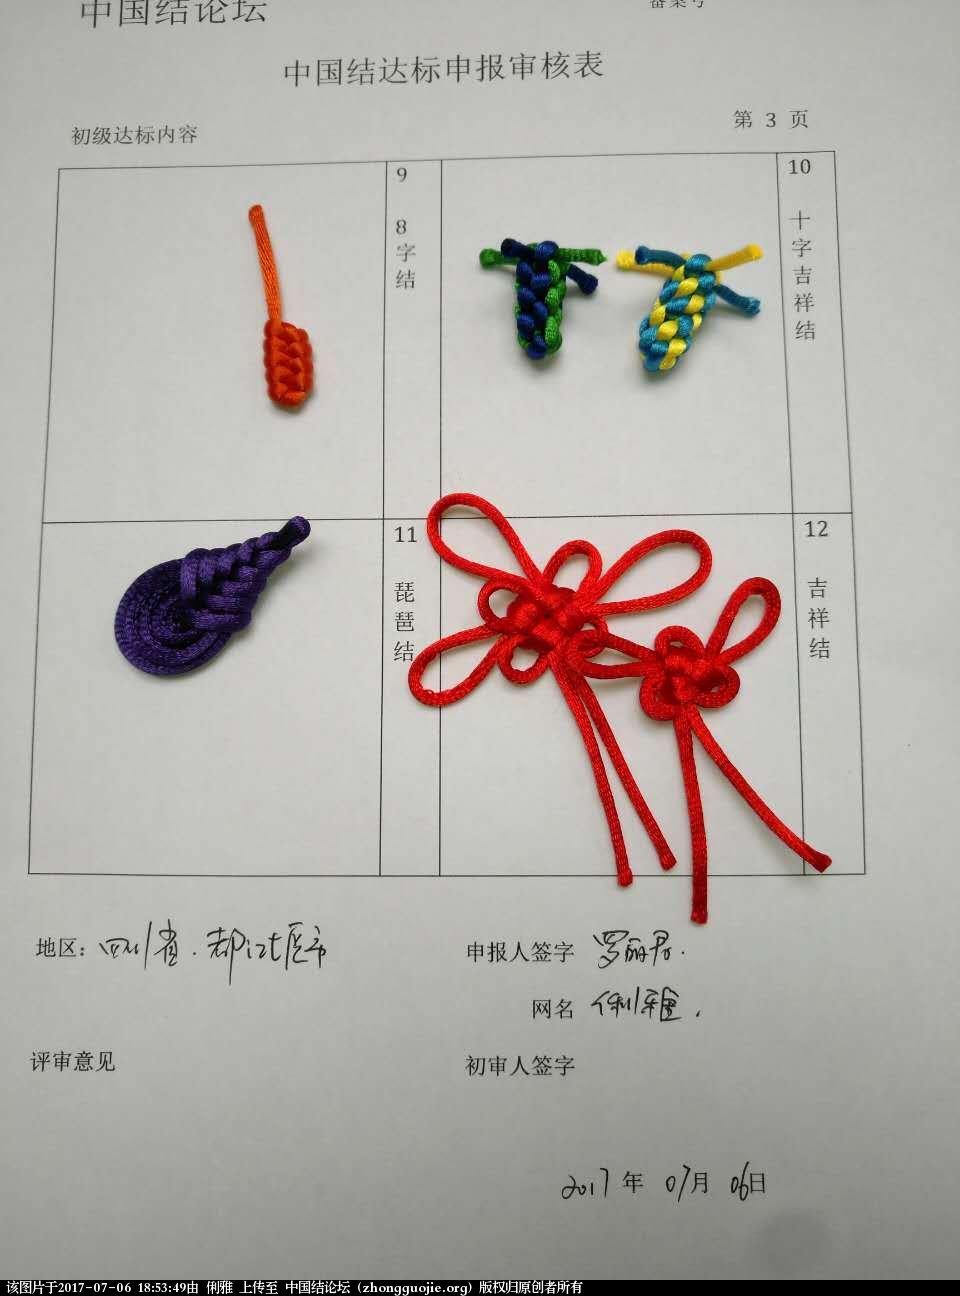 中国结论坛 俐雅初级提交审核  中国绳结艺术分级达标审核 184954jlm2sdm7i4qs25m1